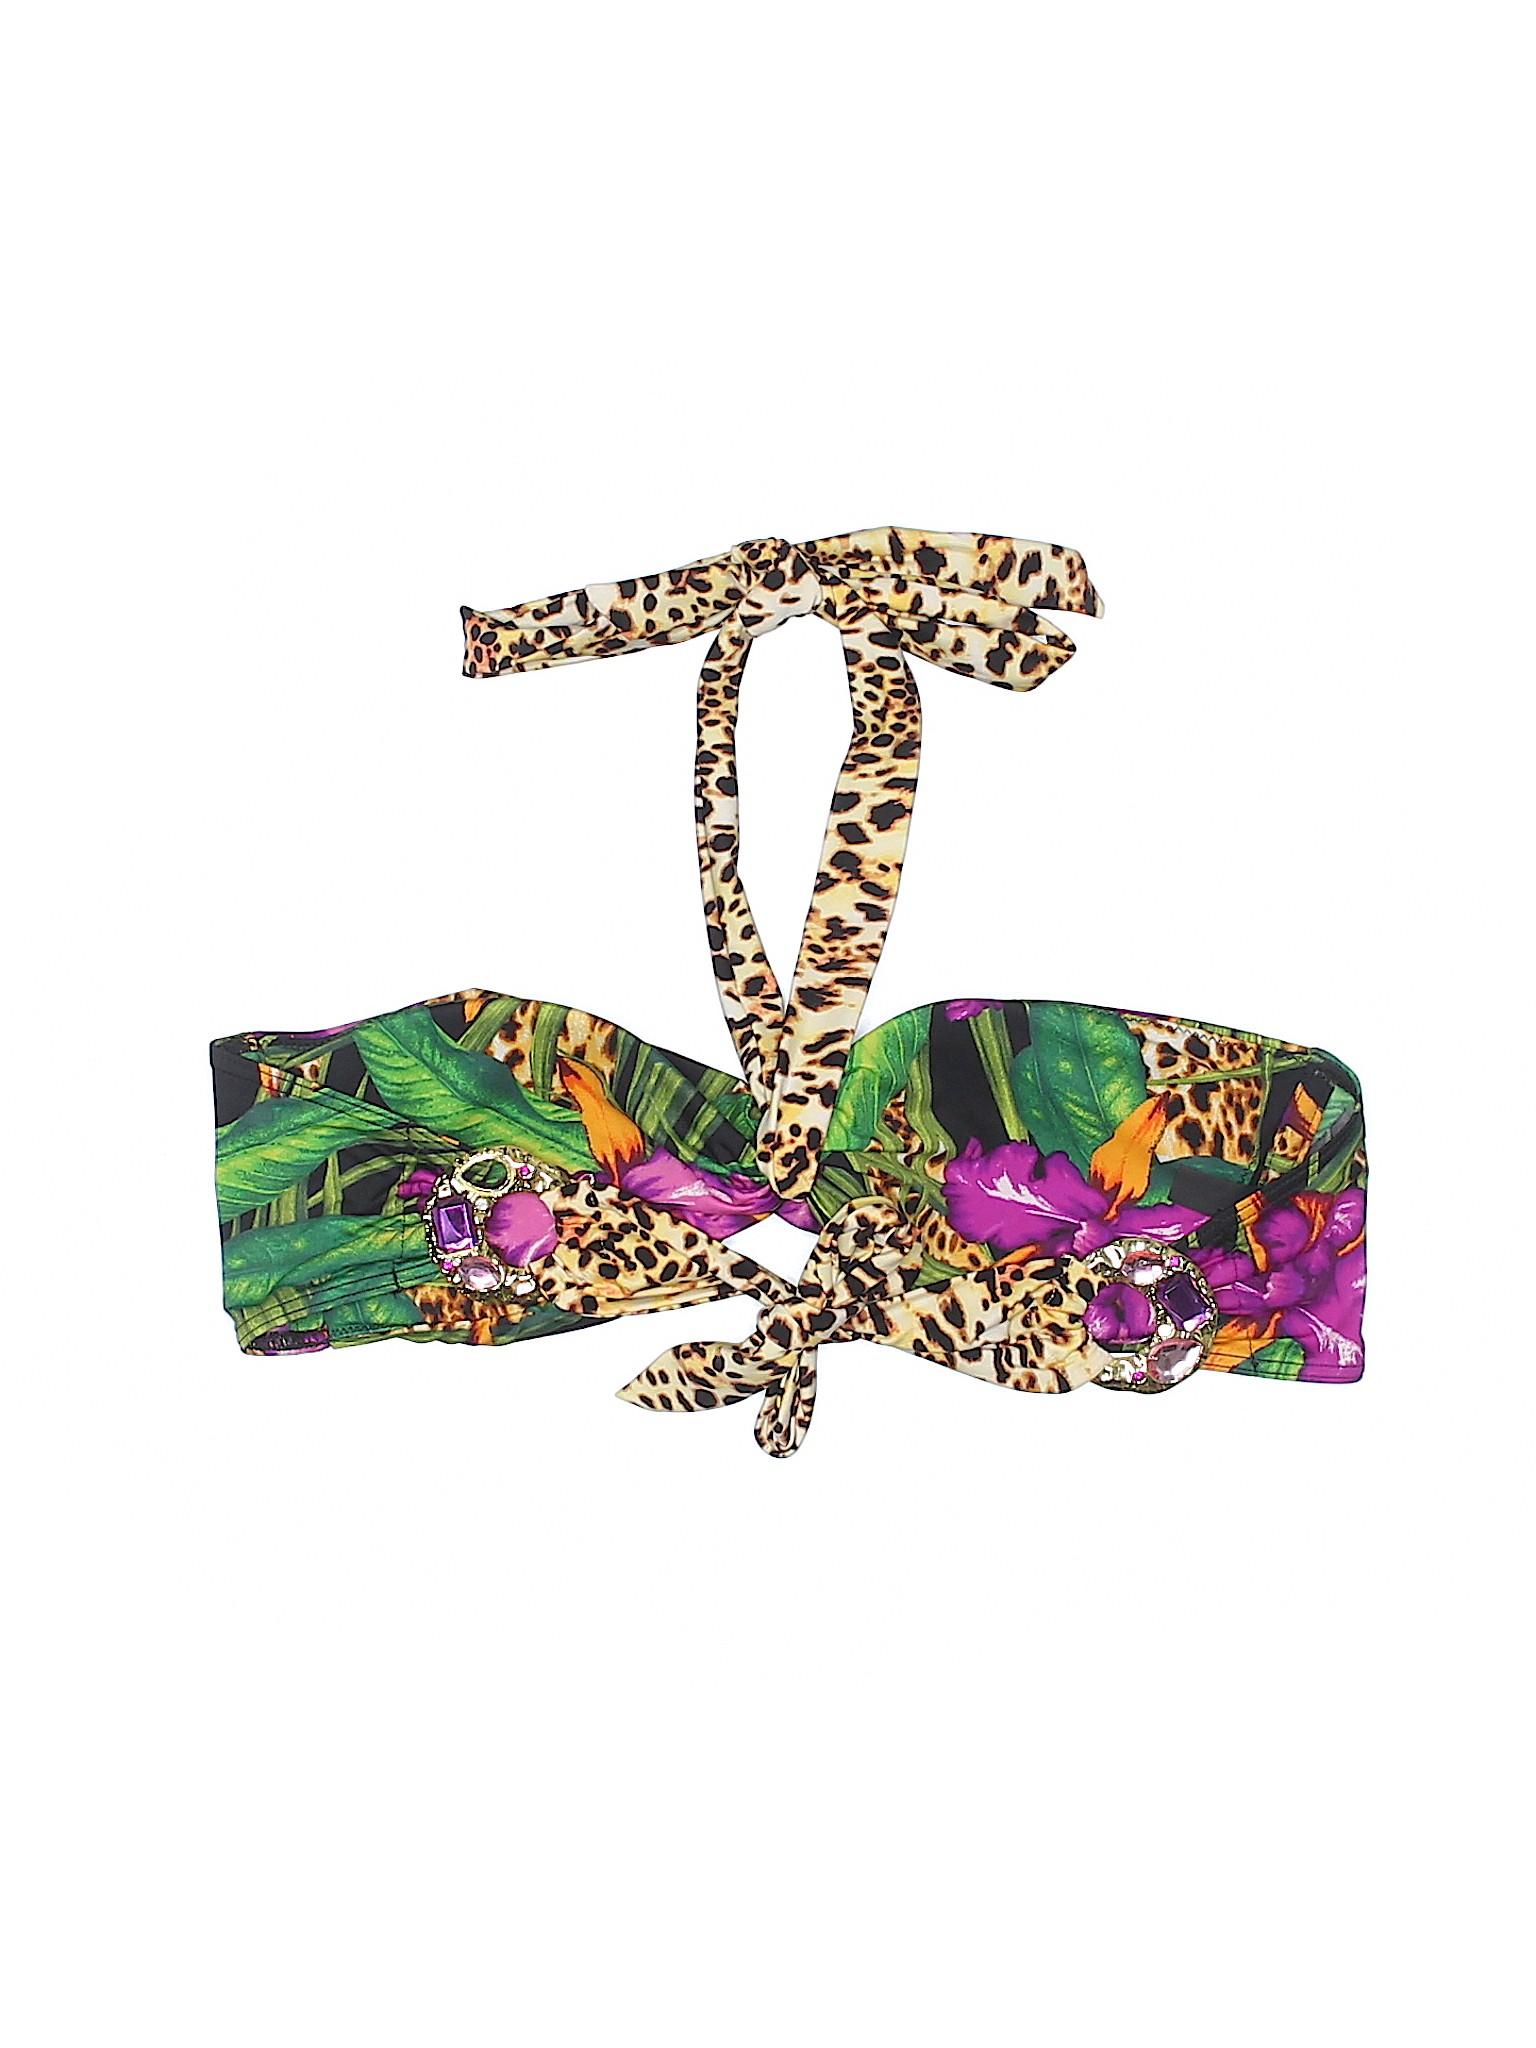 Swimsuit Top Secret Victoria's Victoria's Boutique Boutique zPOqR